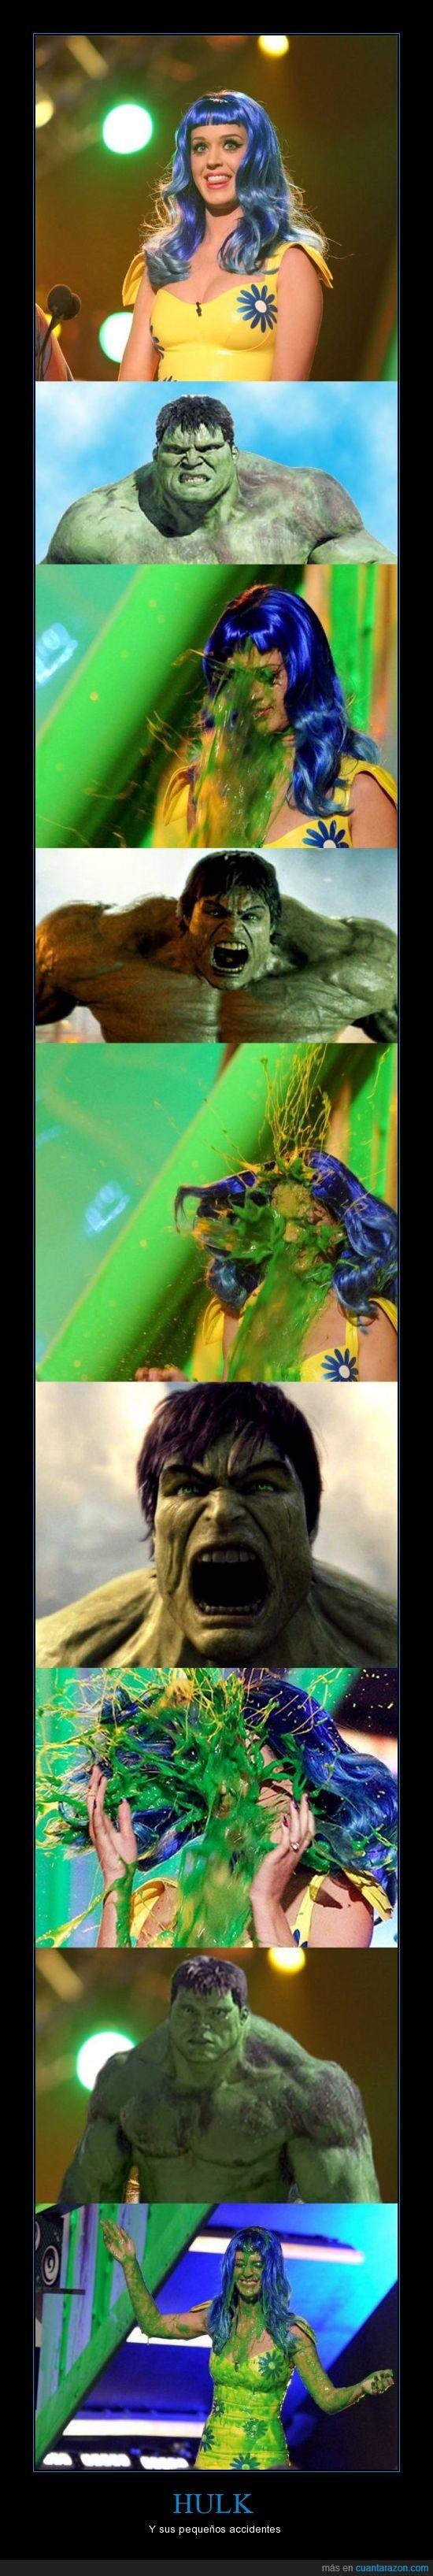 hulk,katy perry,me gusta,verde